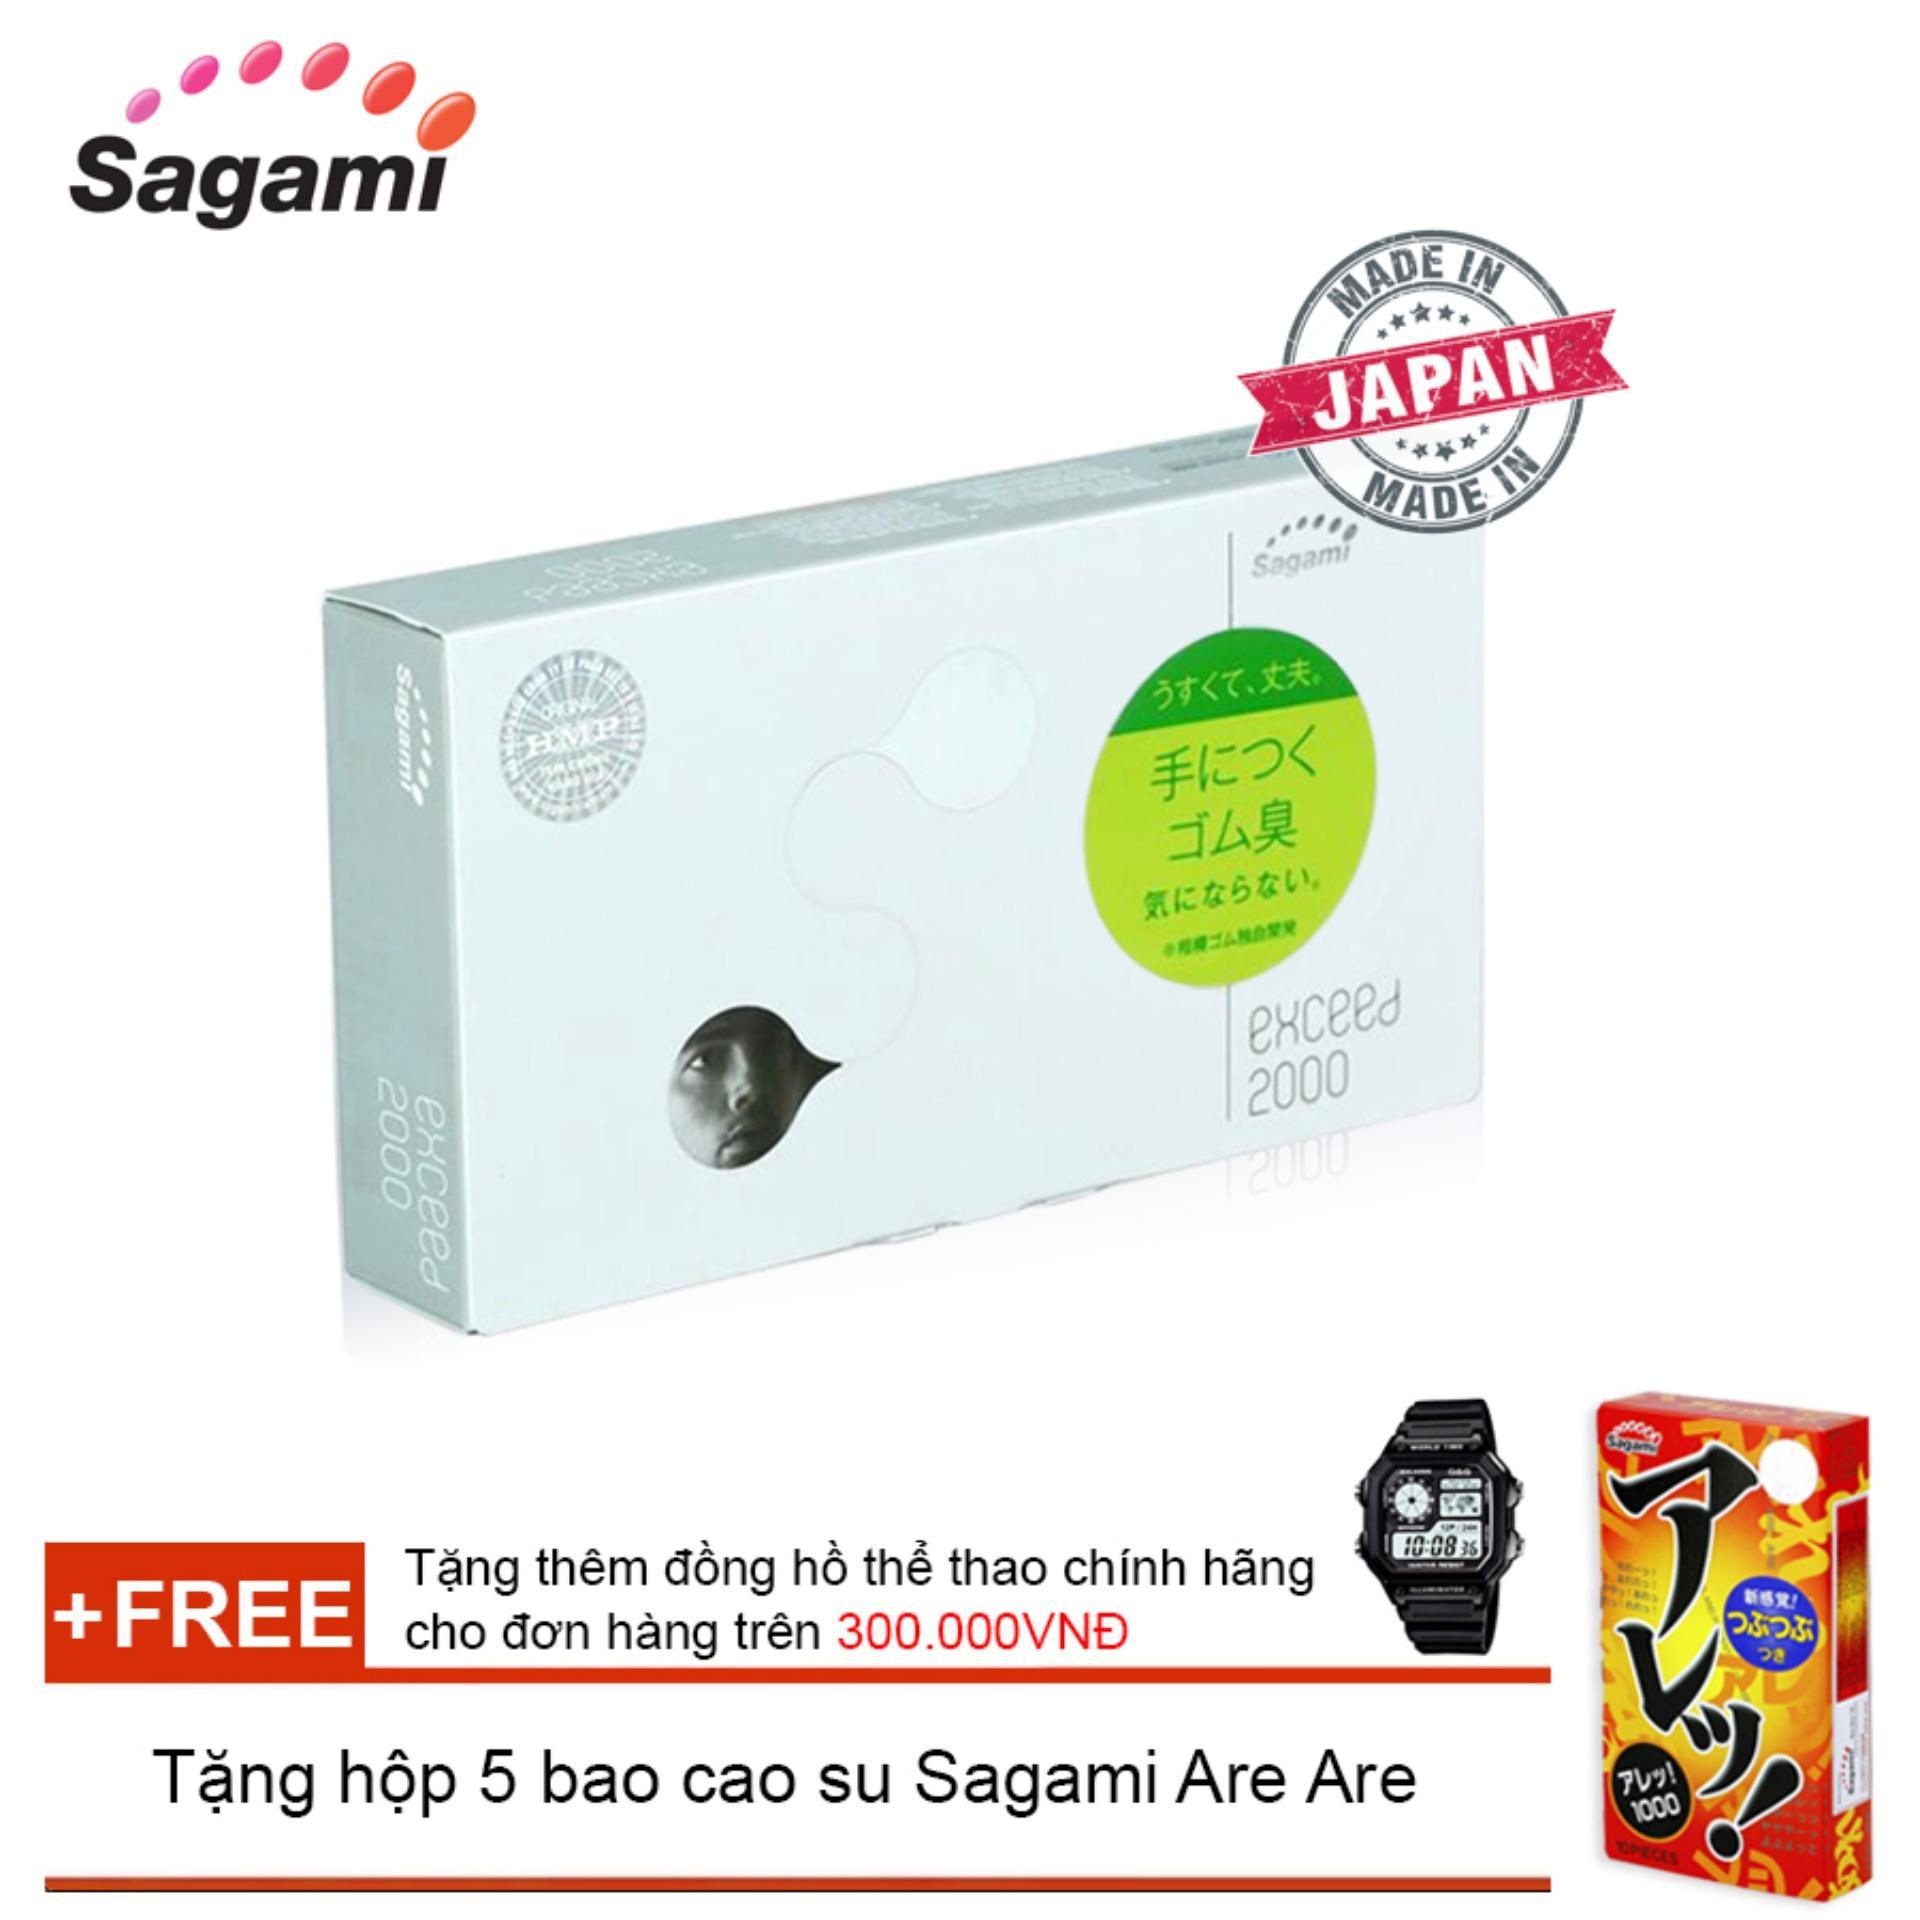 Hình ảnh Hộp 12 bao siêu mỏng, không mùi, co giãn theo kích thước Sagami Exceed 2000 ( 12 bao ) + Tặng hộp 5 bao cao su Sagami Are Are